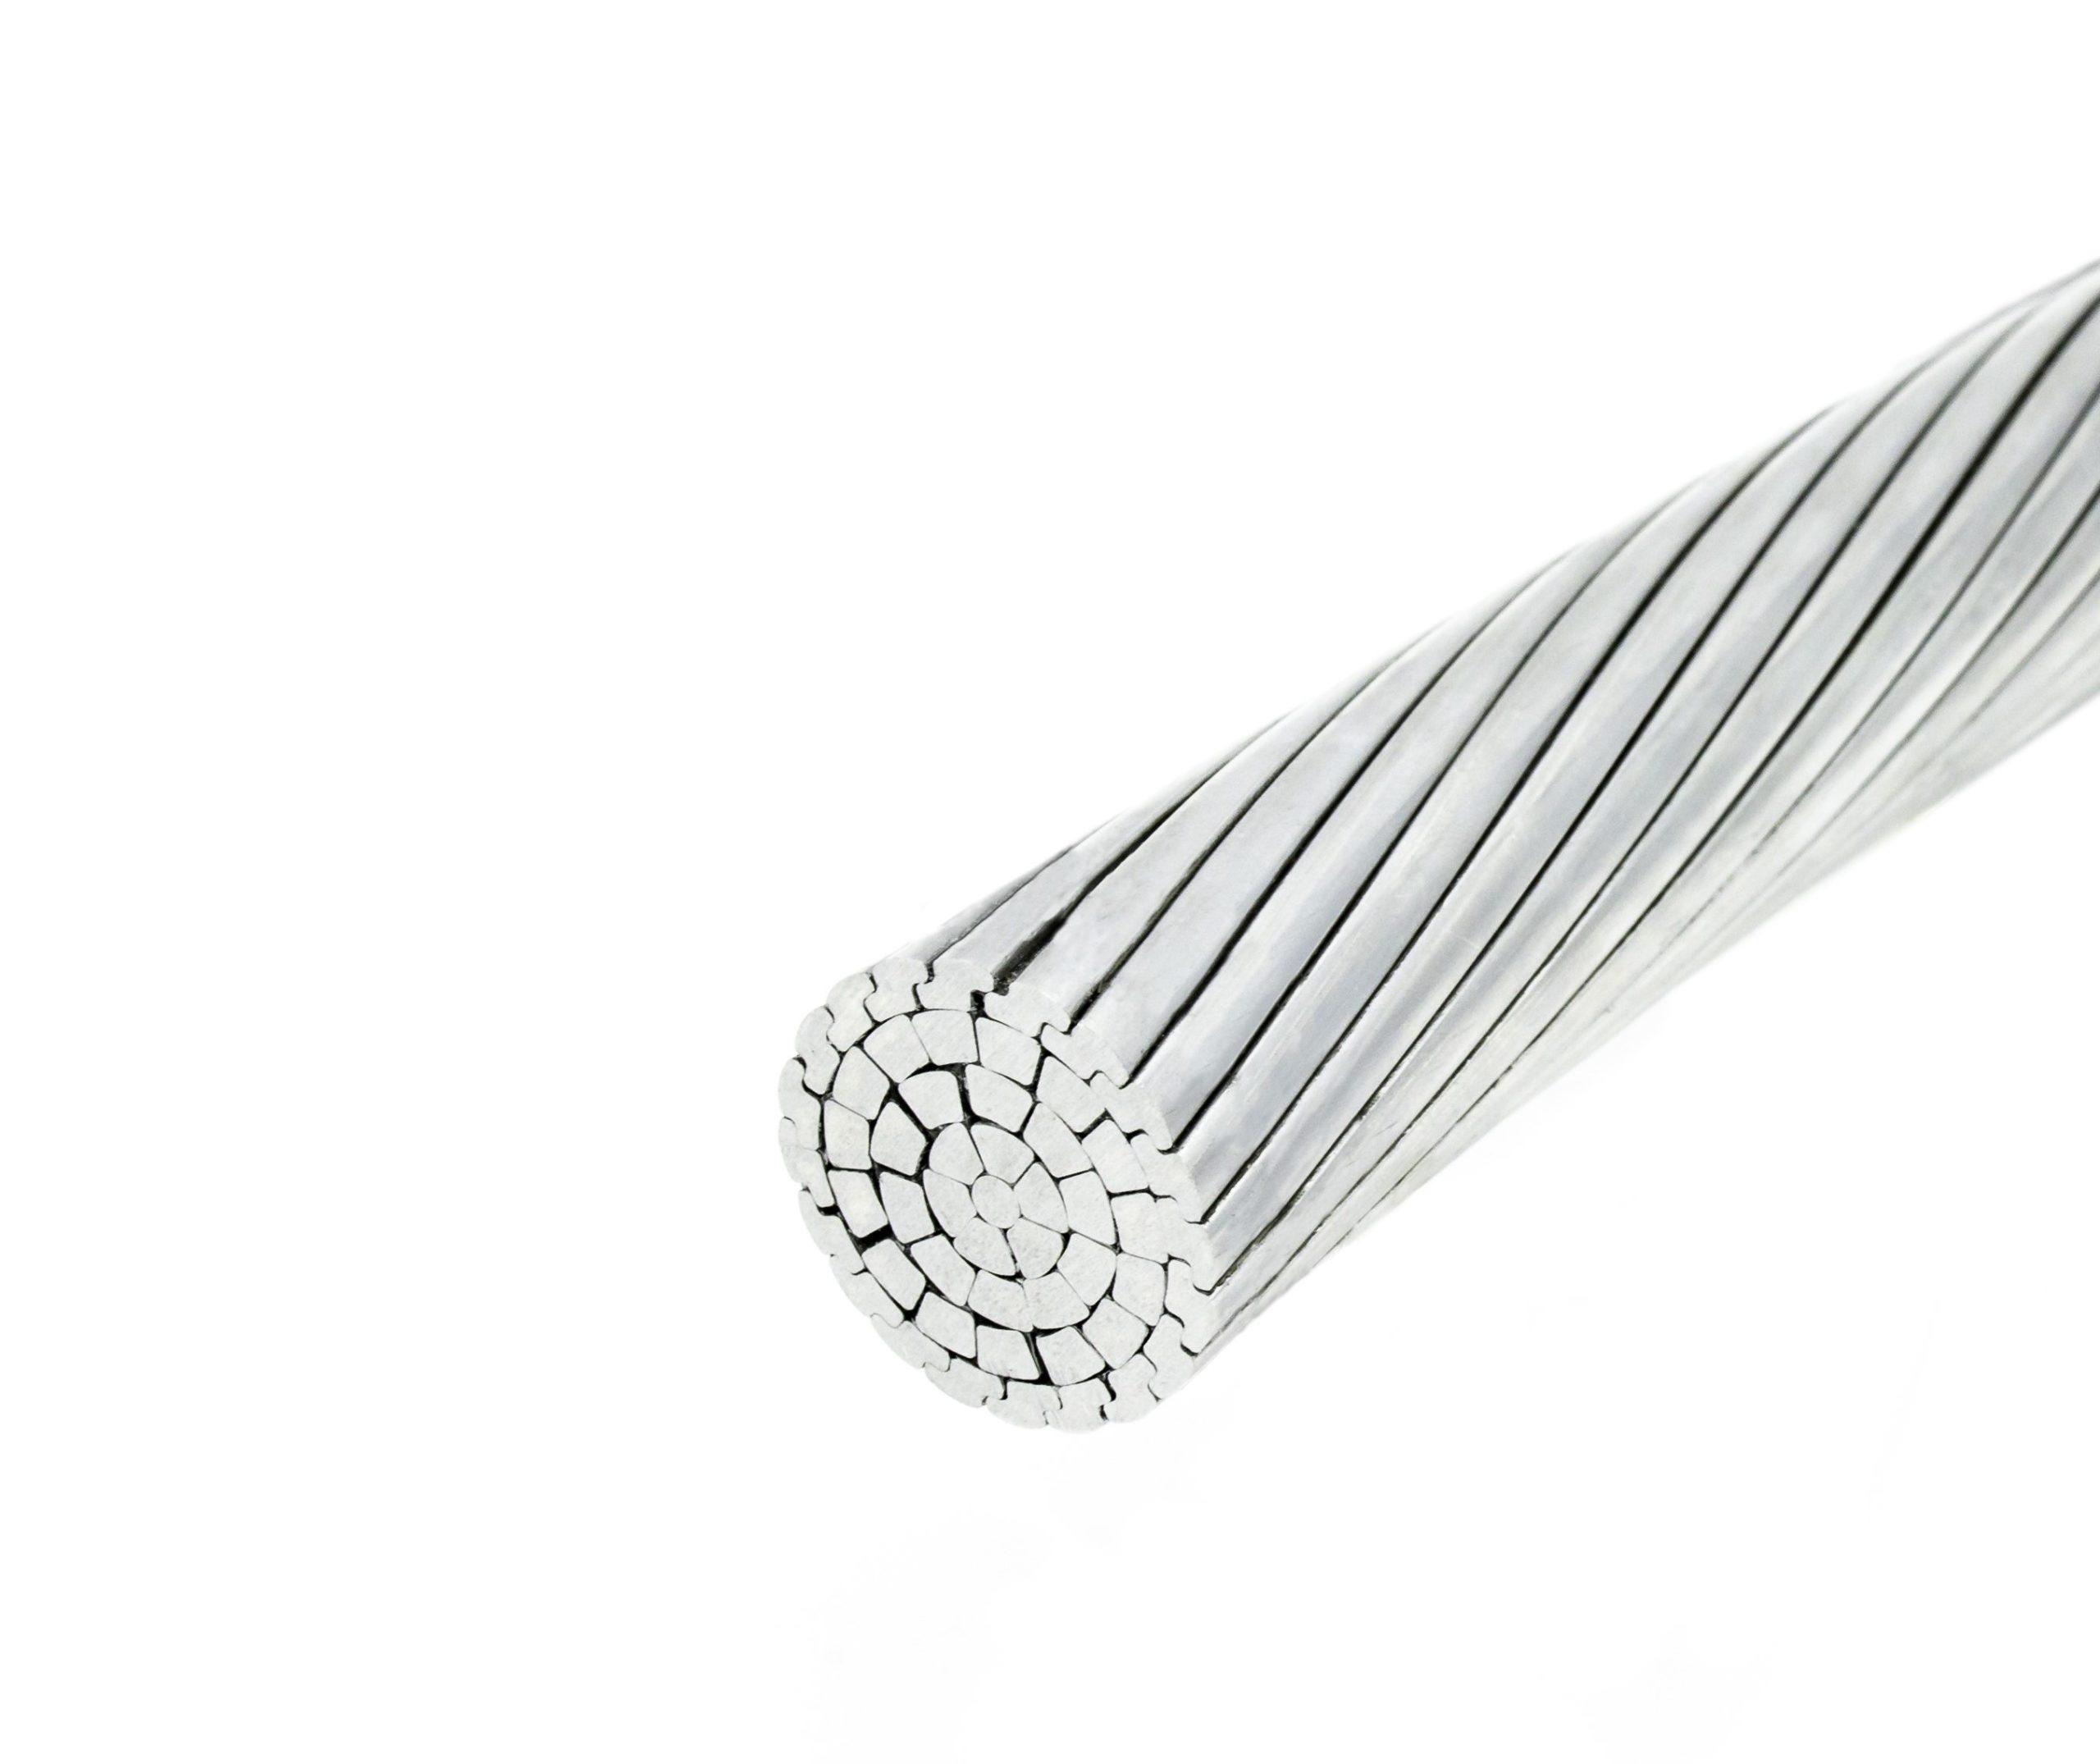 AAC (All Aluminium Conductor)